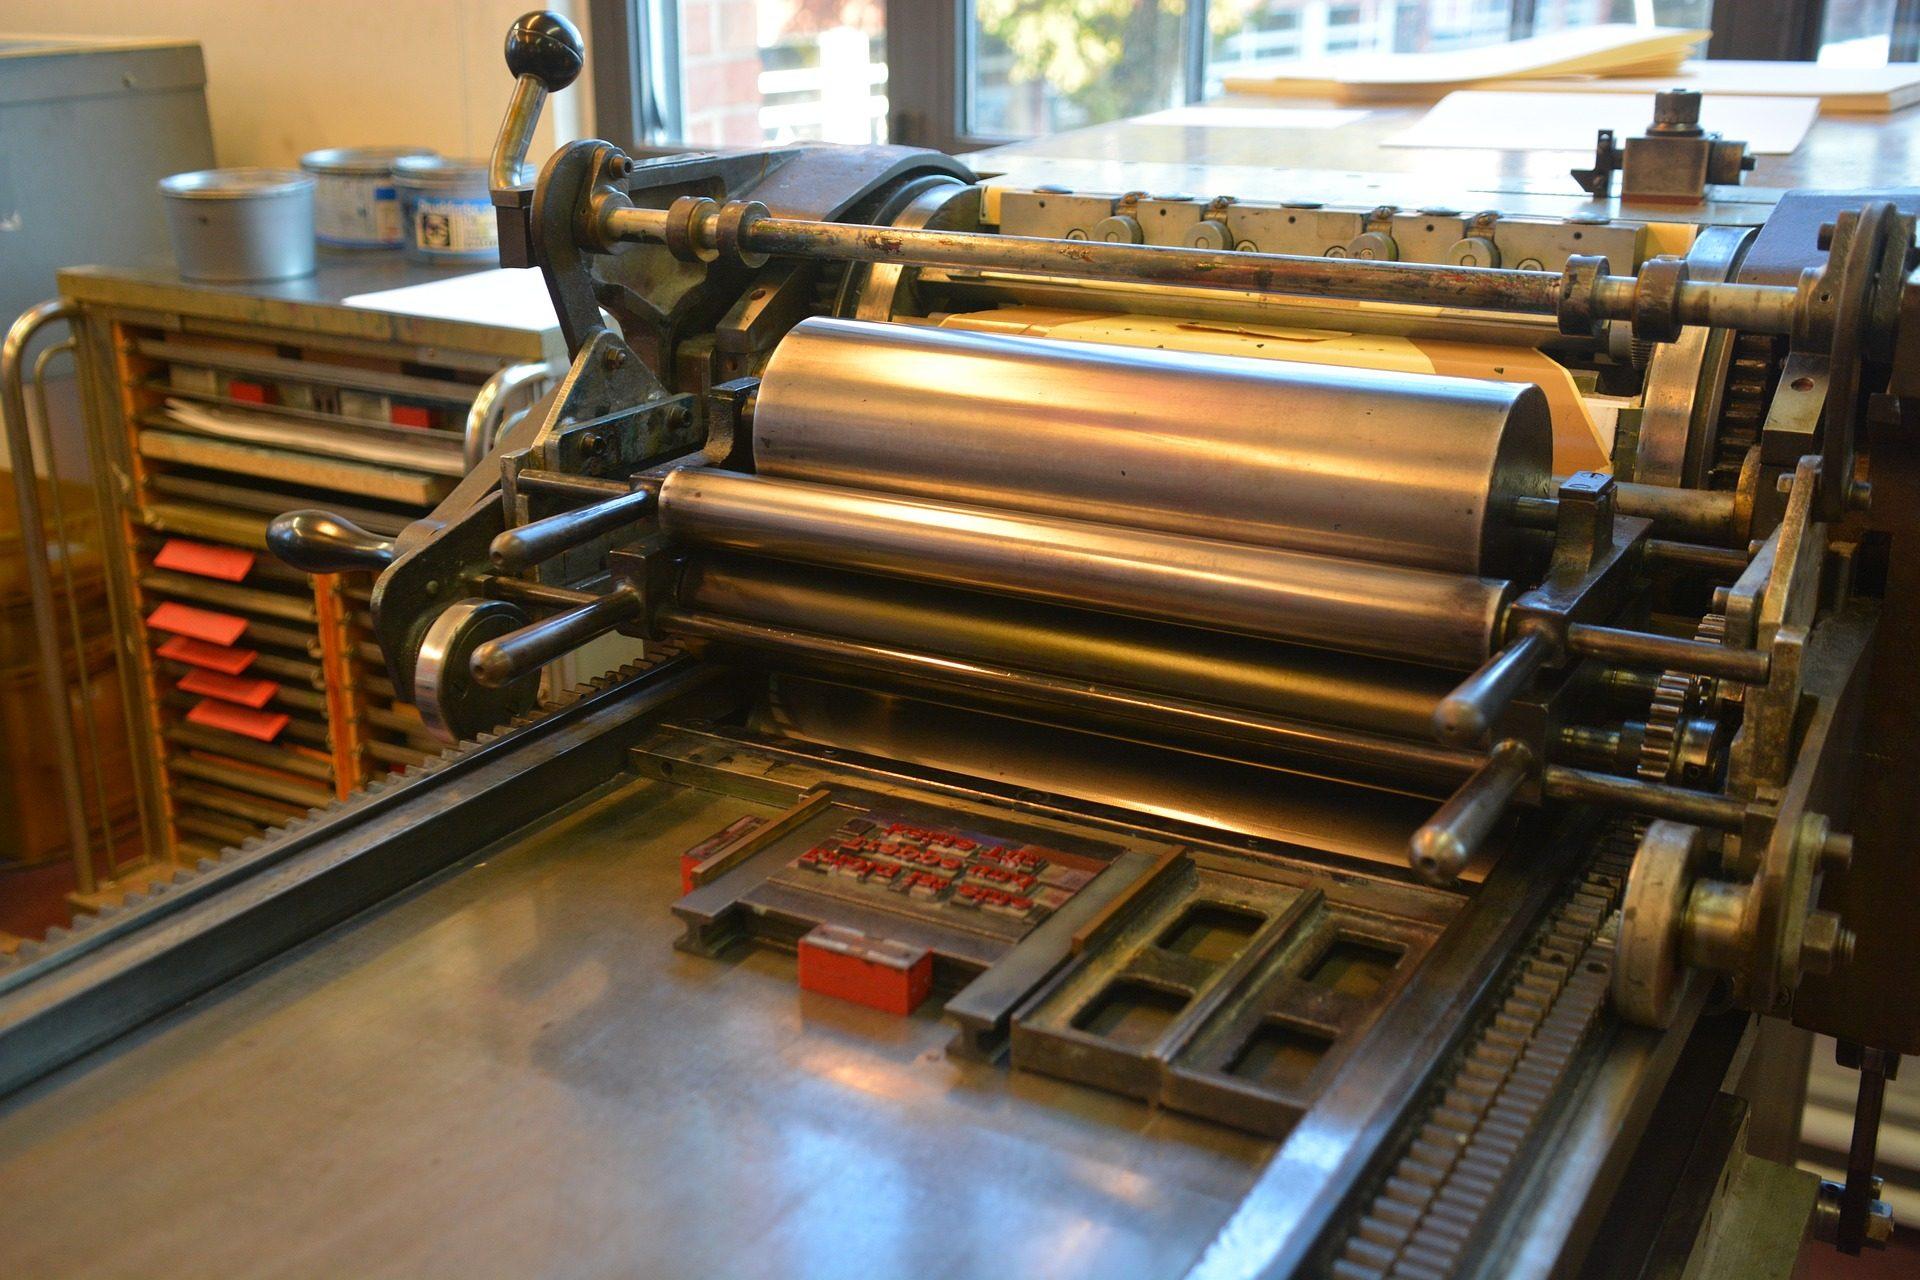 imprenta, rolo, imprimpressãonta, velho, vintage - Papéis de parede HD - Professor-falken.com